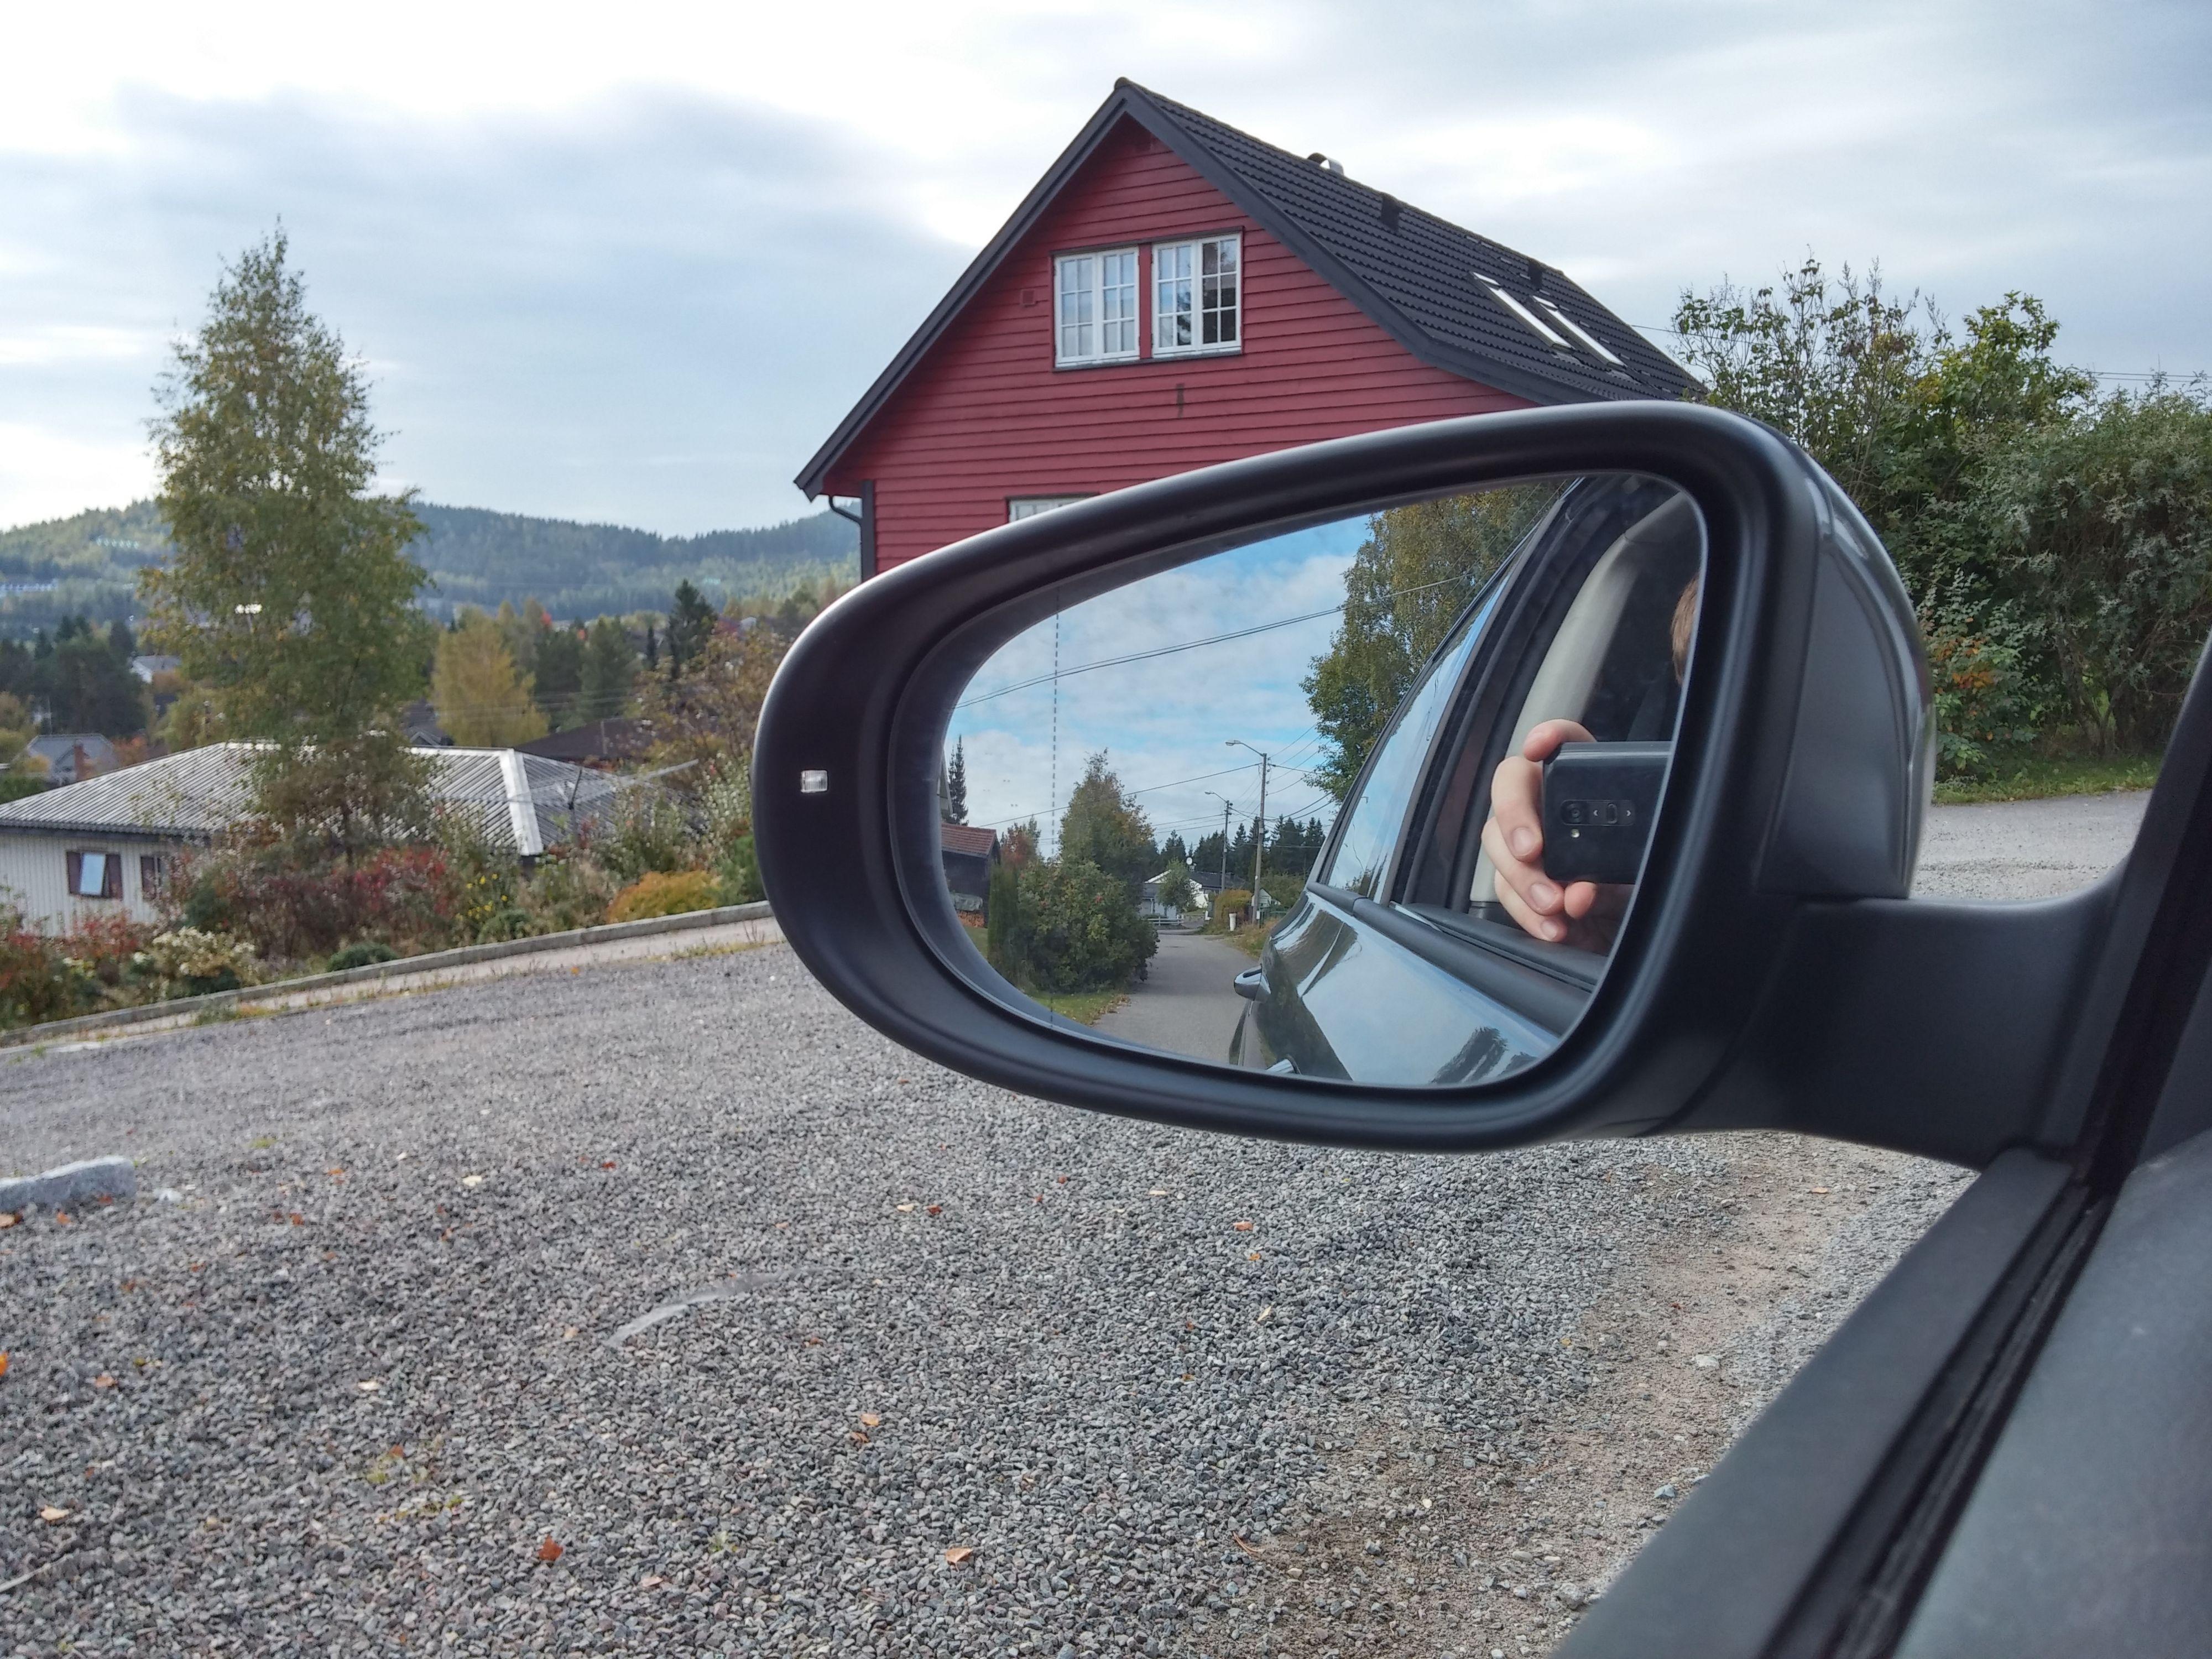 Kjøretur for å teste kamerastabilisering.